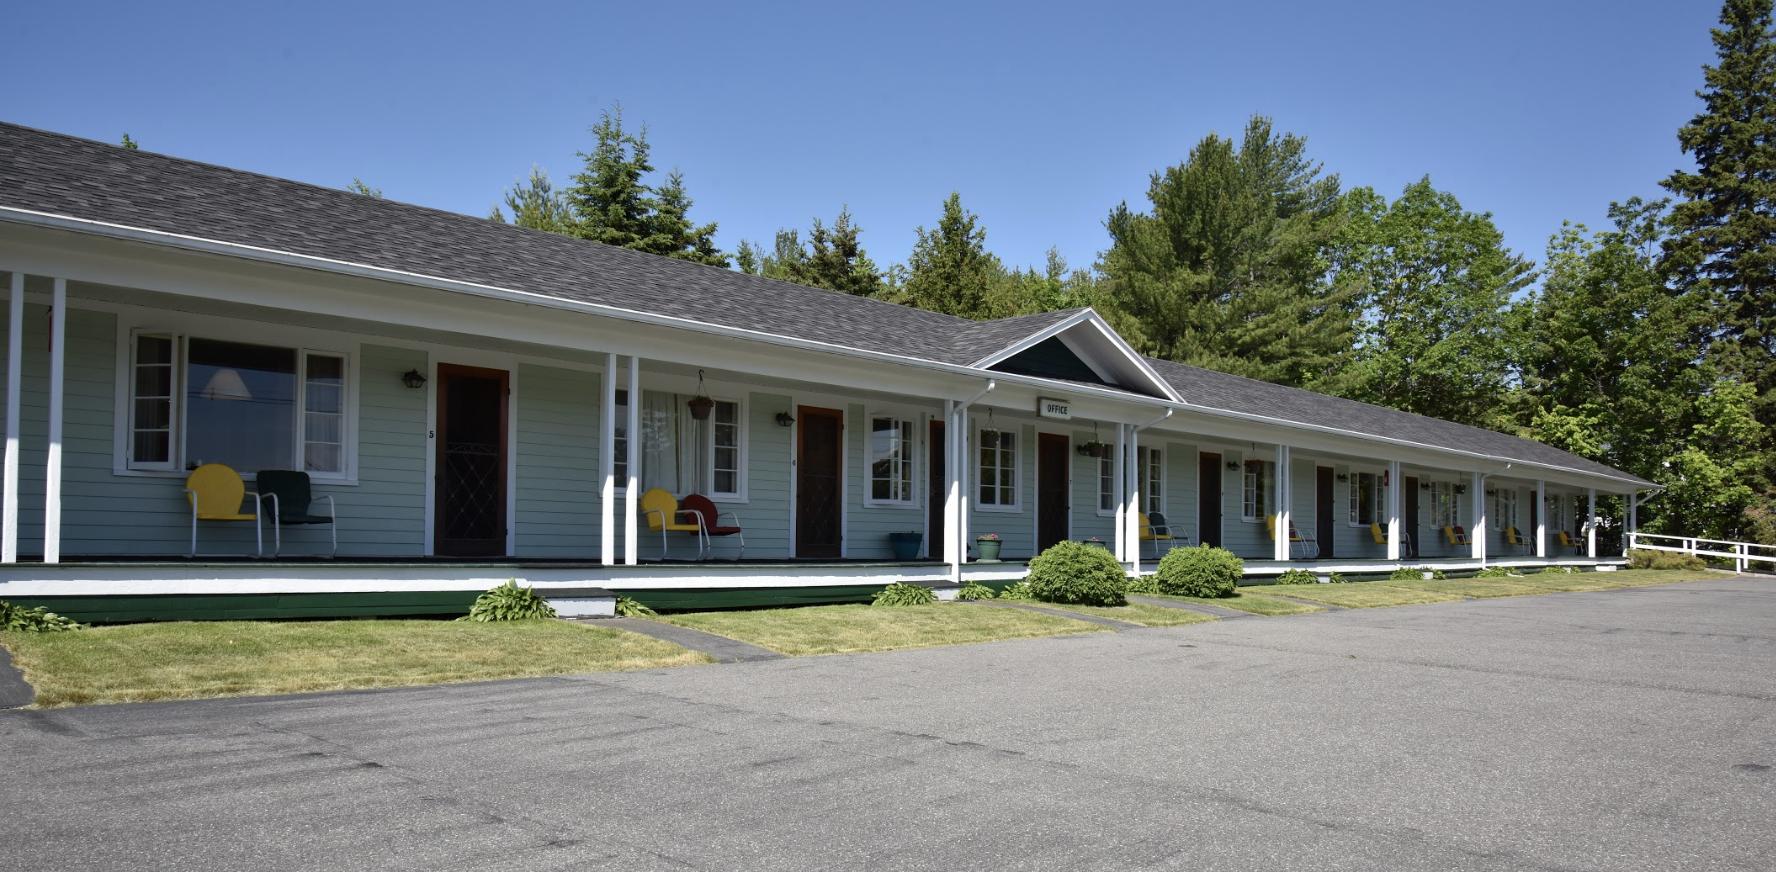 Edenbrook Motel image 3